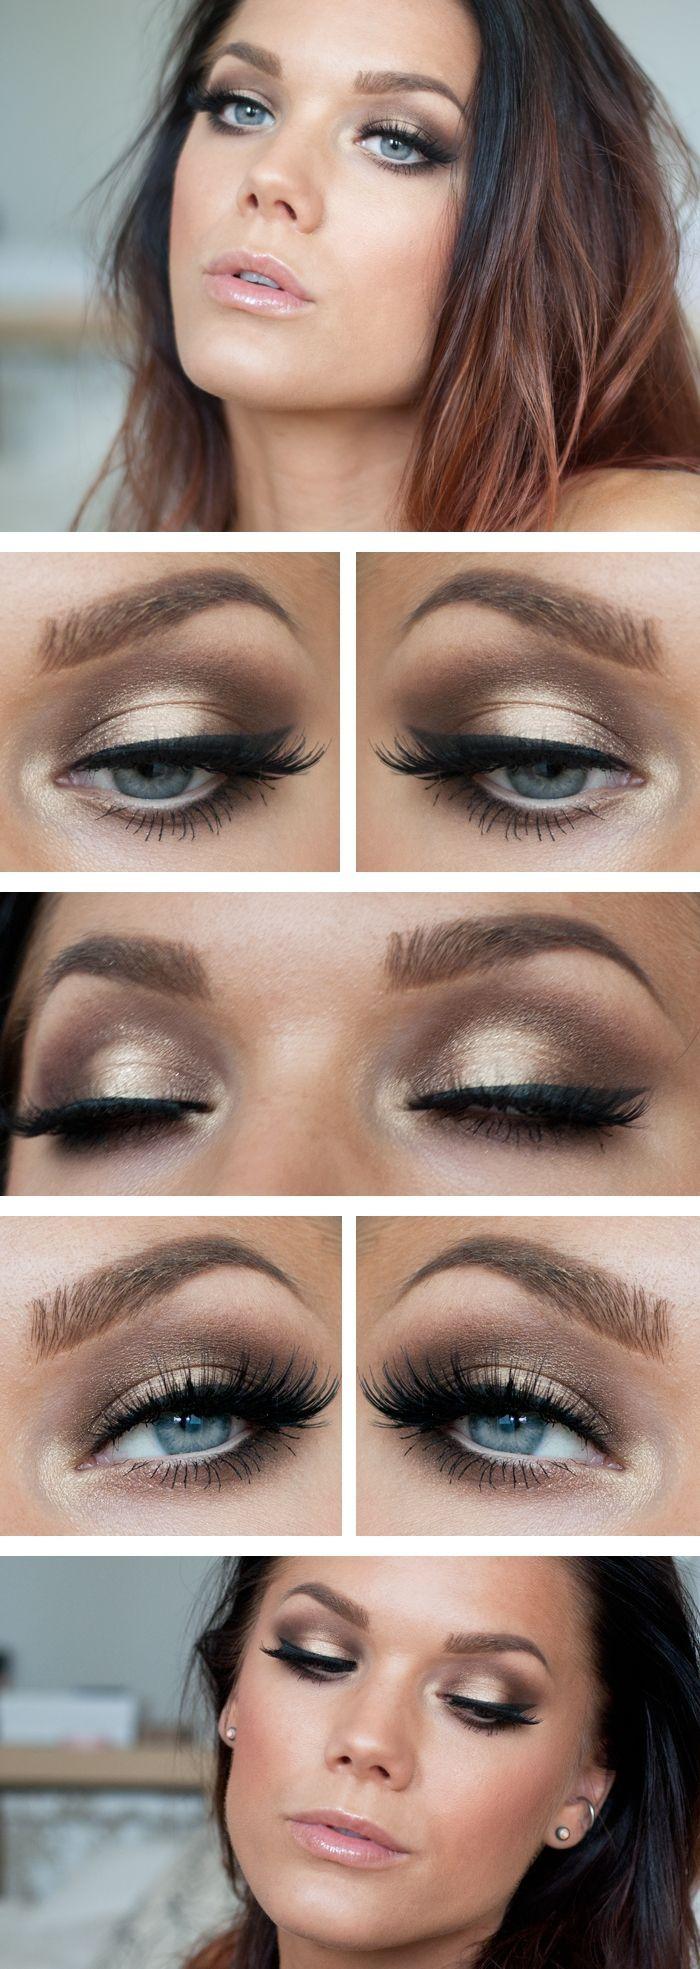 Best Make Up for Brunettes - adoro make com olhos em tons de marrom esfumadinho. ;)